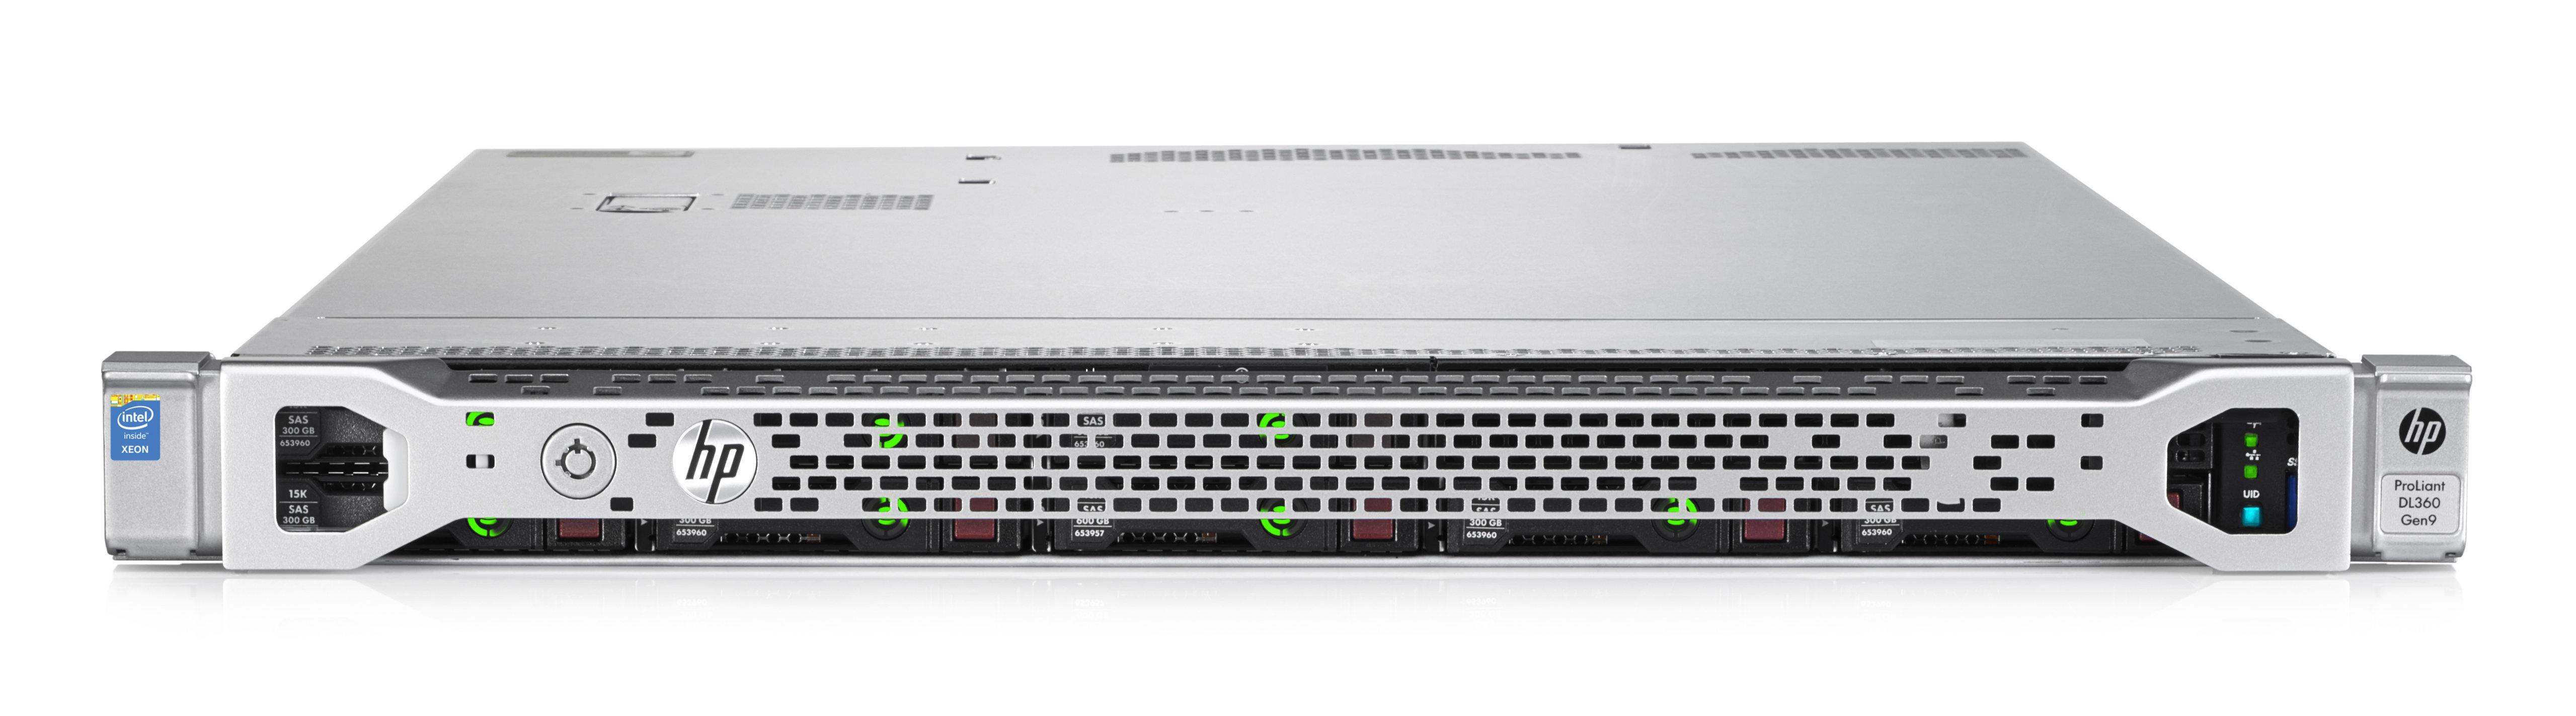 HPE ProLiant DL360 Gen9 | Product Details | shidirect ca